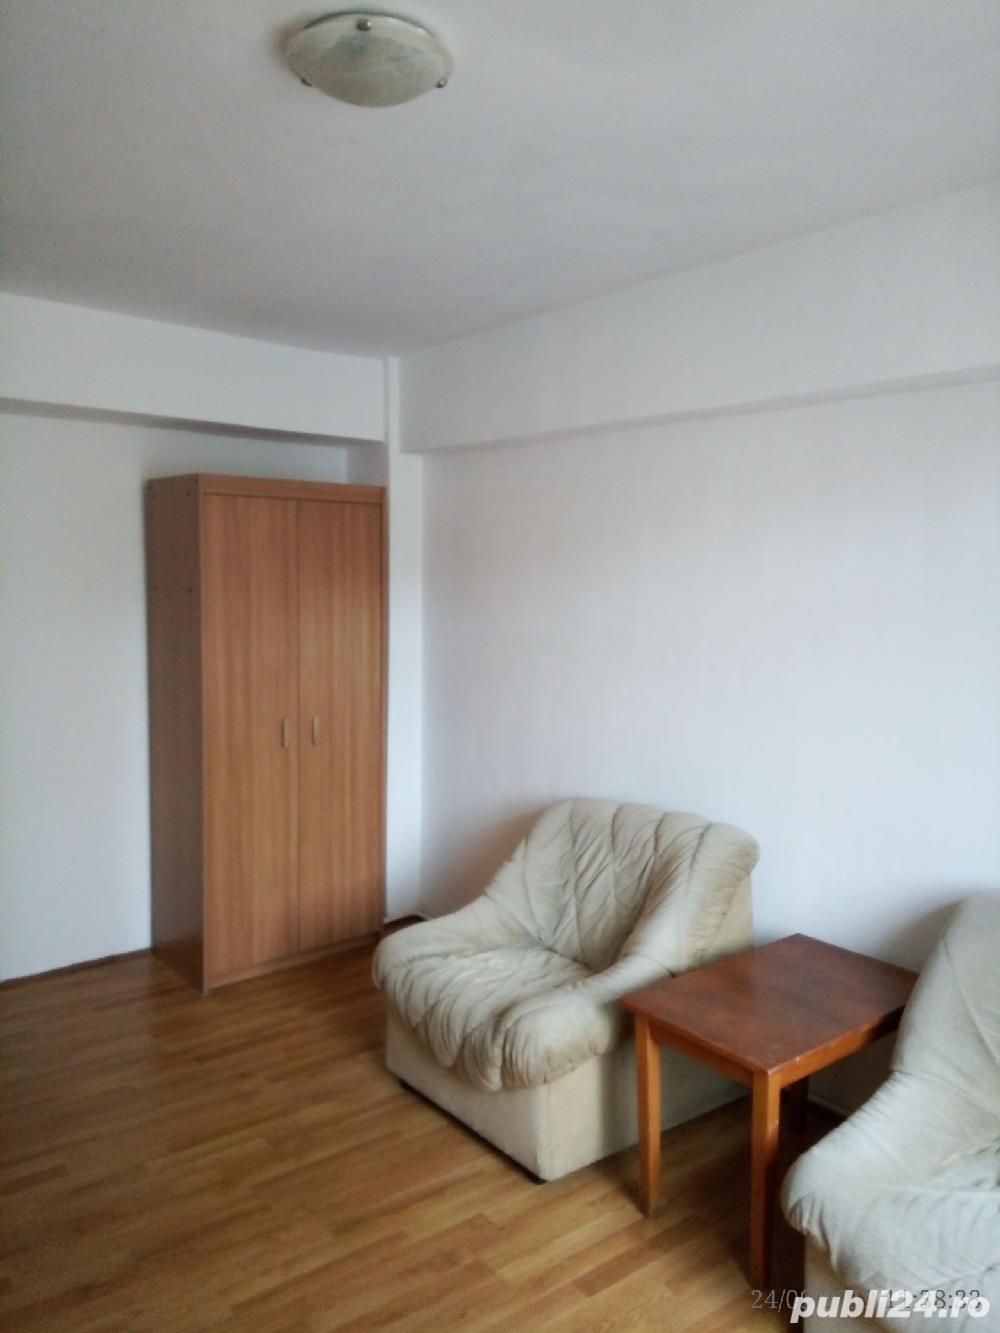 Proprietar ofer apartament 2 camere ultracentral centrala pe gaz